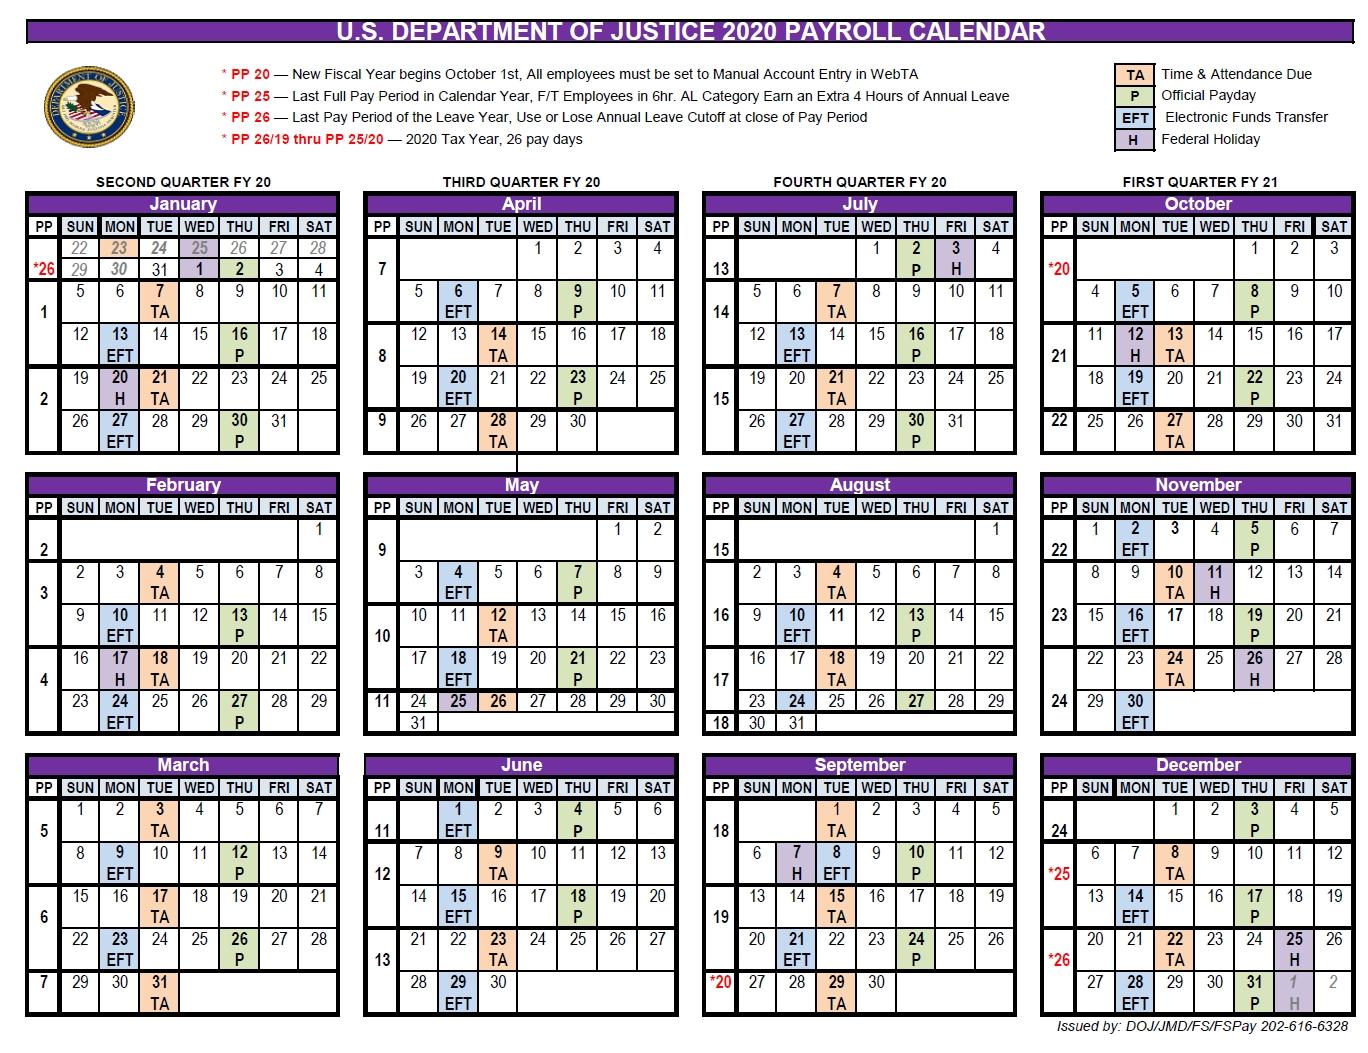 Doj Payroll Calendar 2021 | Payroll Calendar  Dfas Payroll Calendar